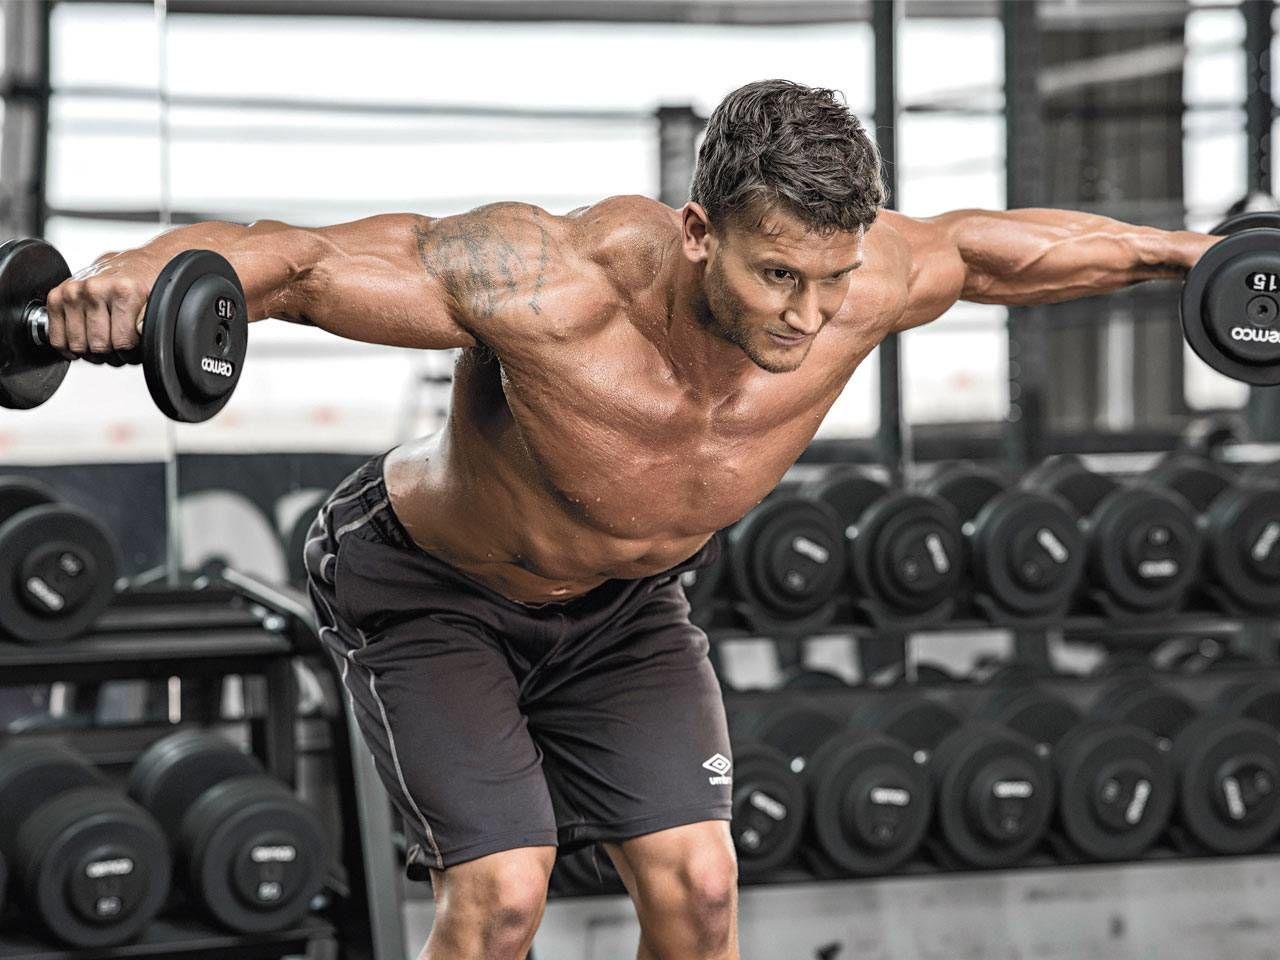 Тренировка плеч: упражнения и программа - изображение 5